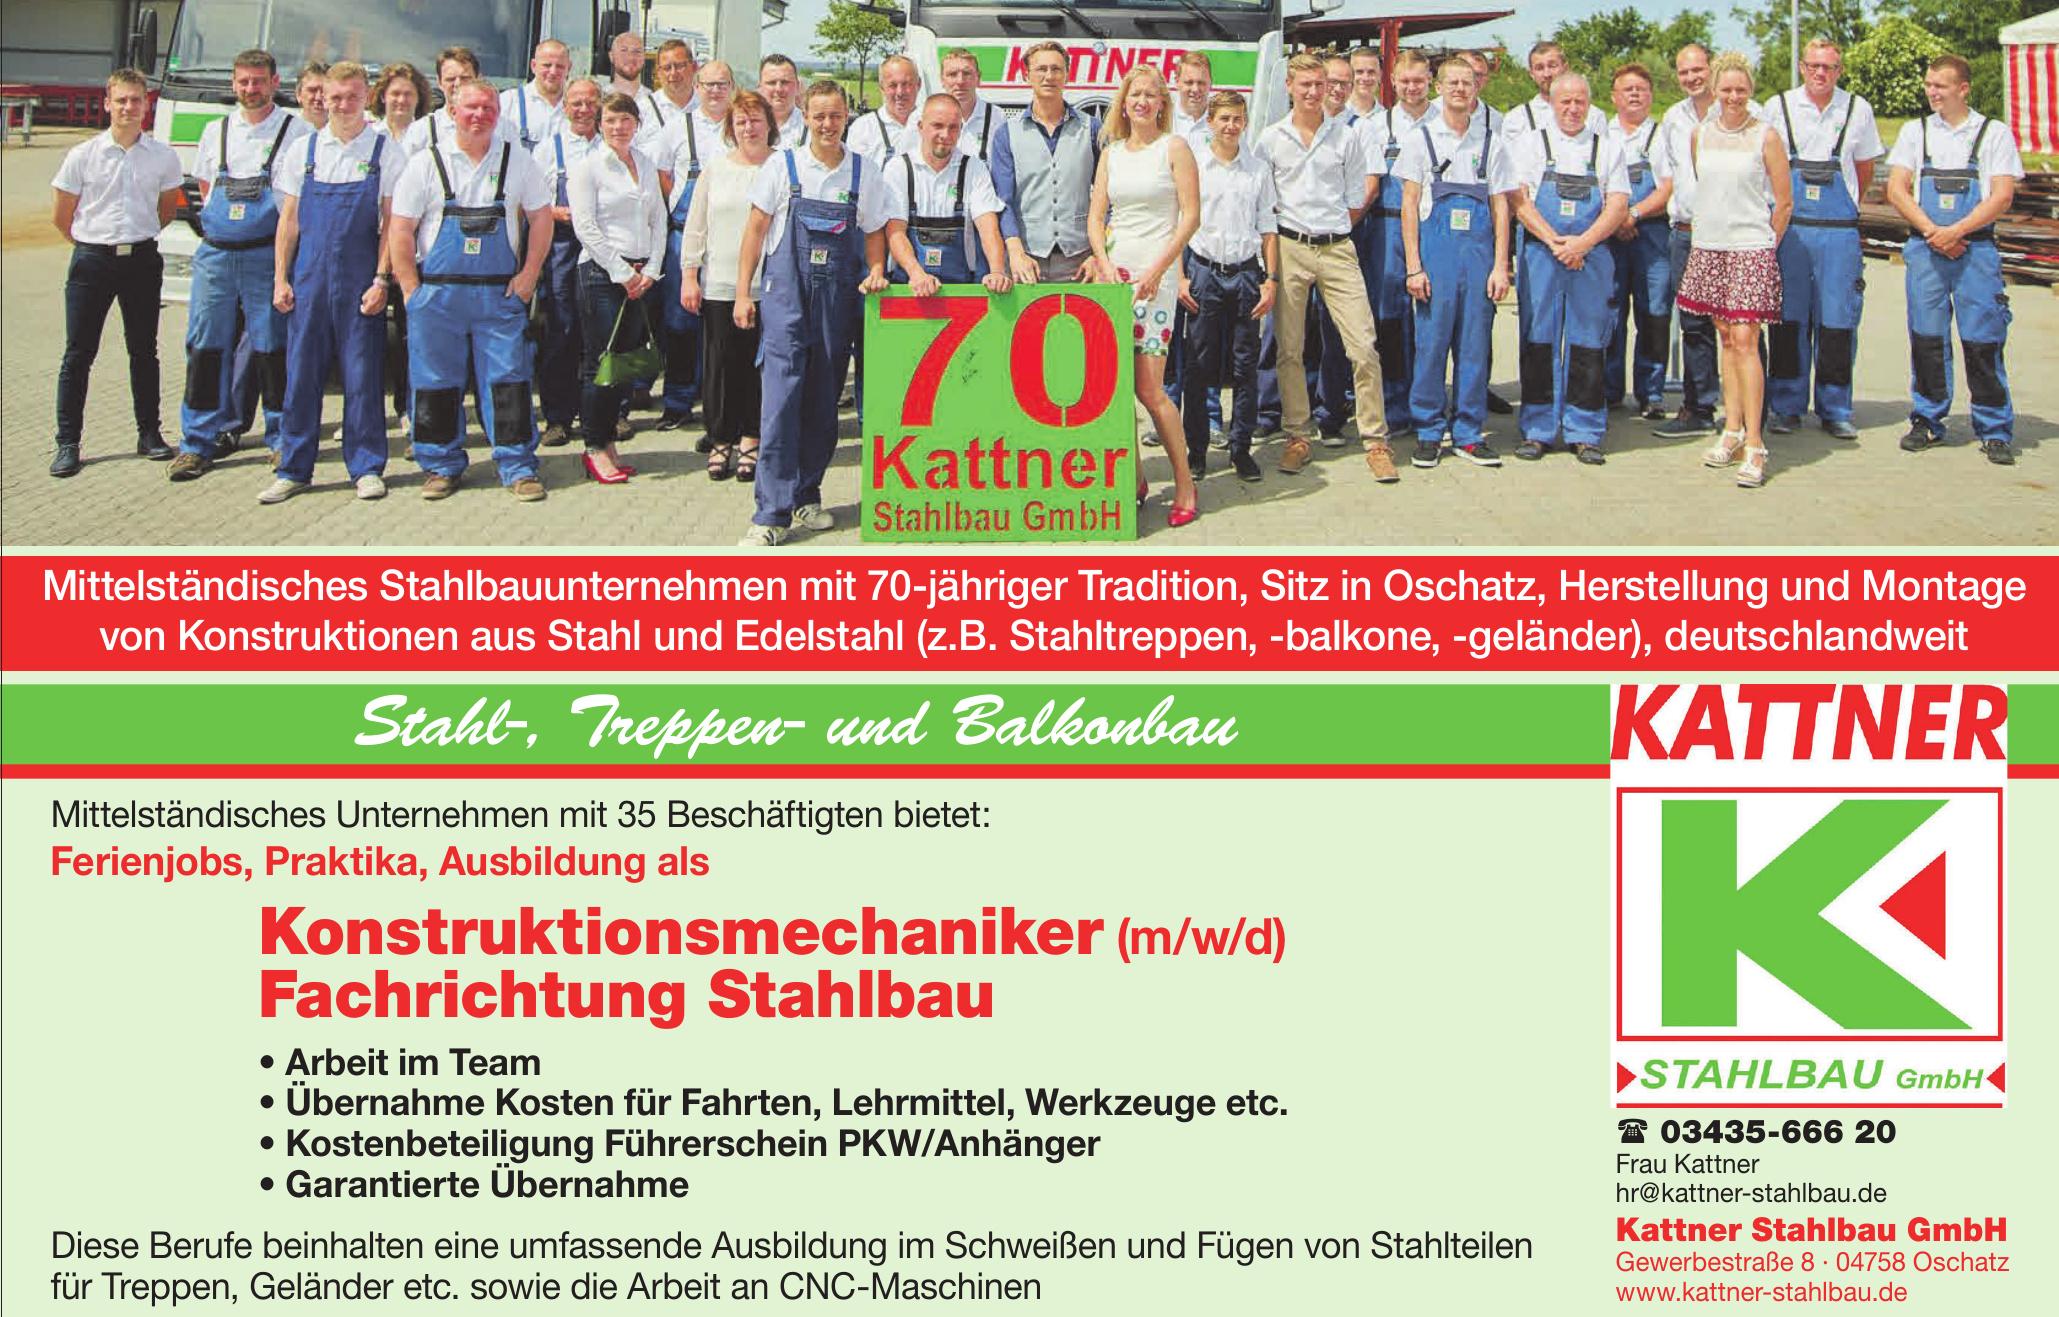 Kattner Stahlbau GmbH